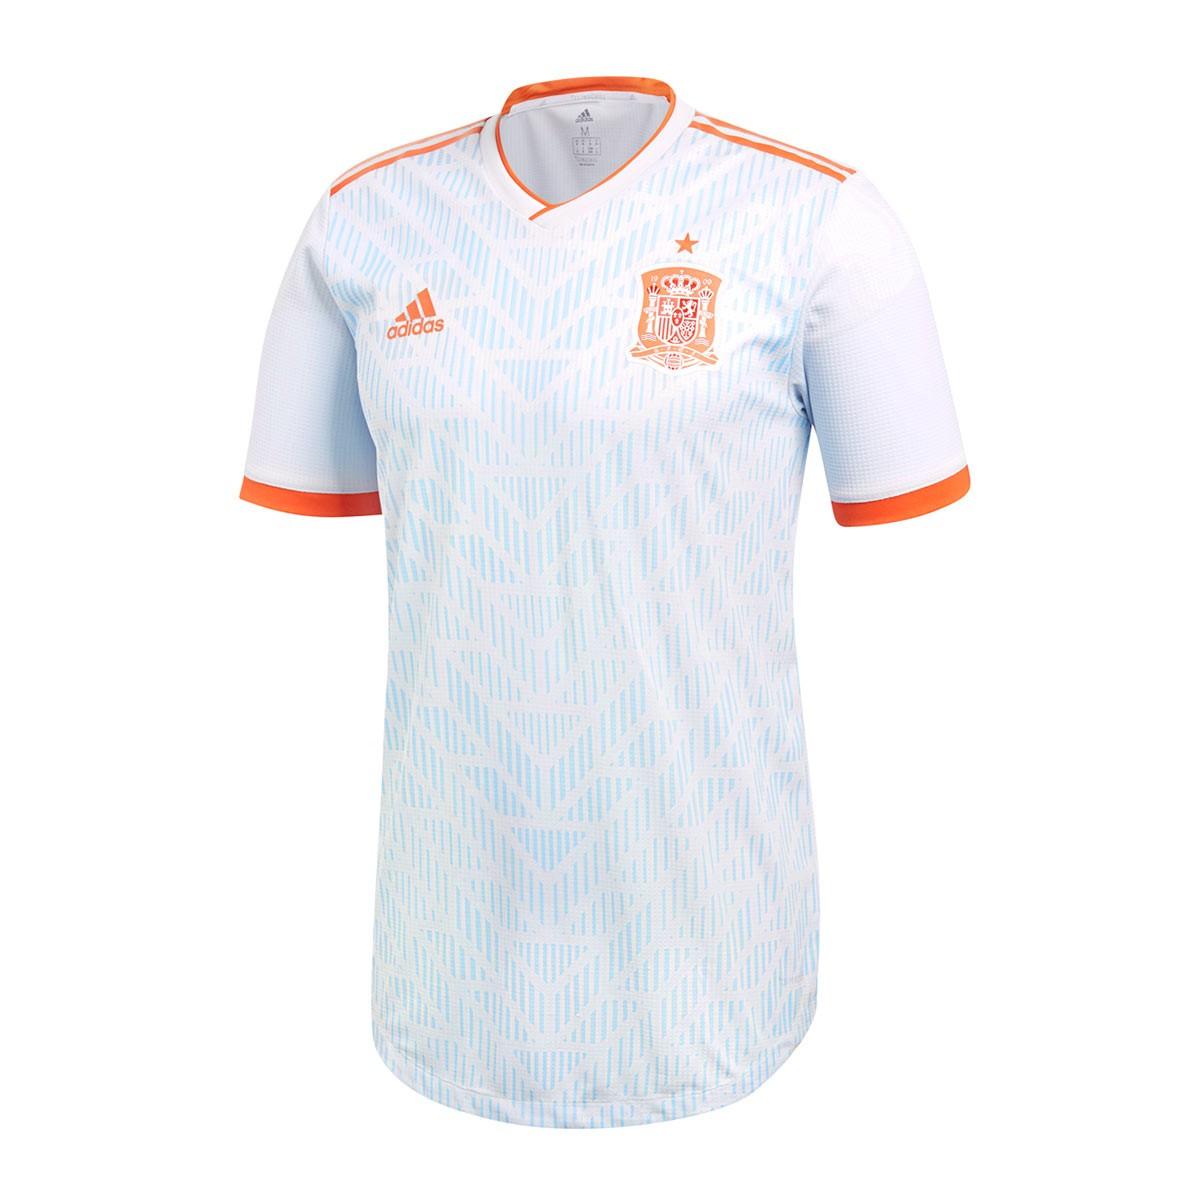 ddf9774c772bc Camiseta adidas Authentic España Segunda Equipación 2017-2018 Halo blue -  Tienda de fútbol Fútbol Emotion